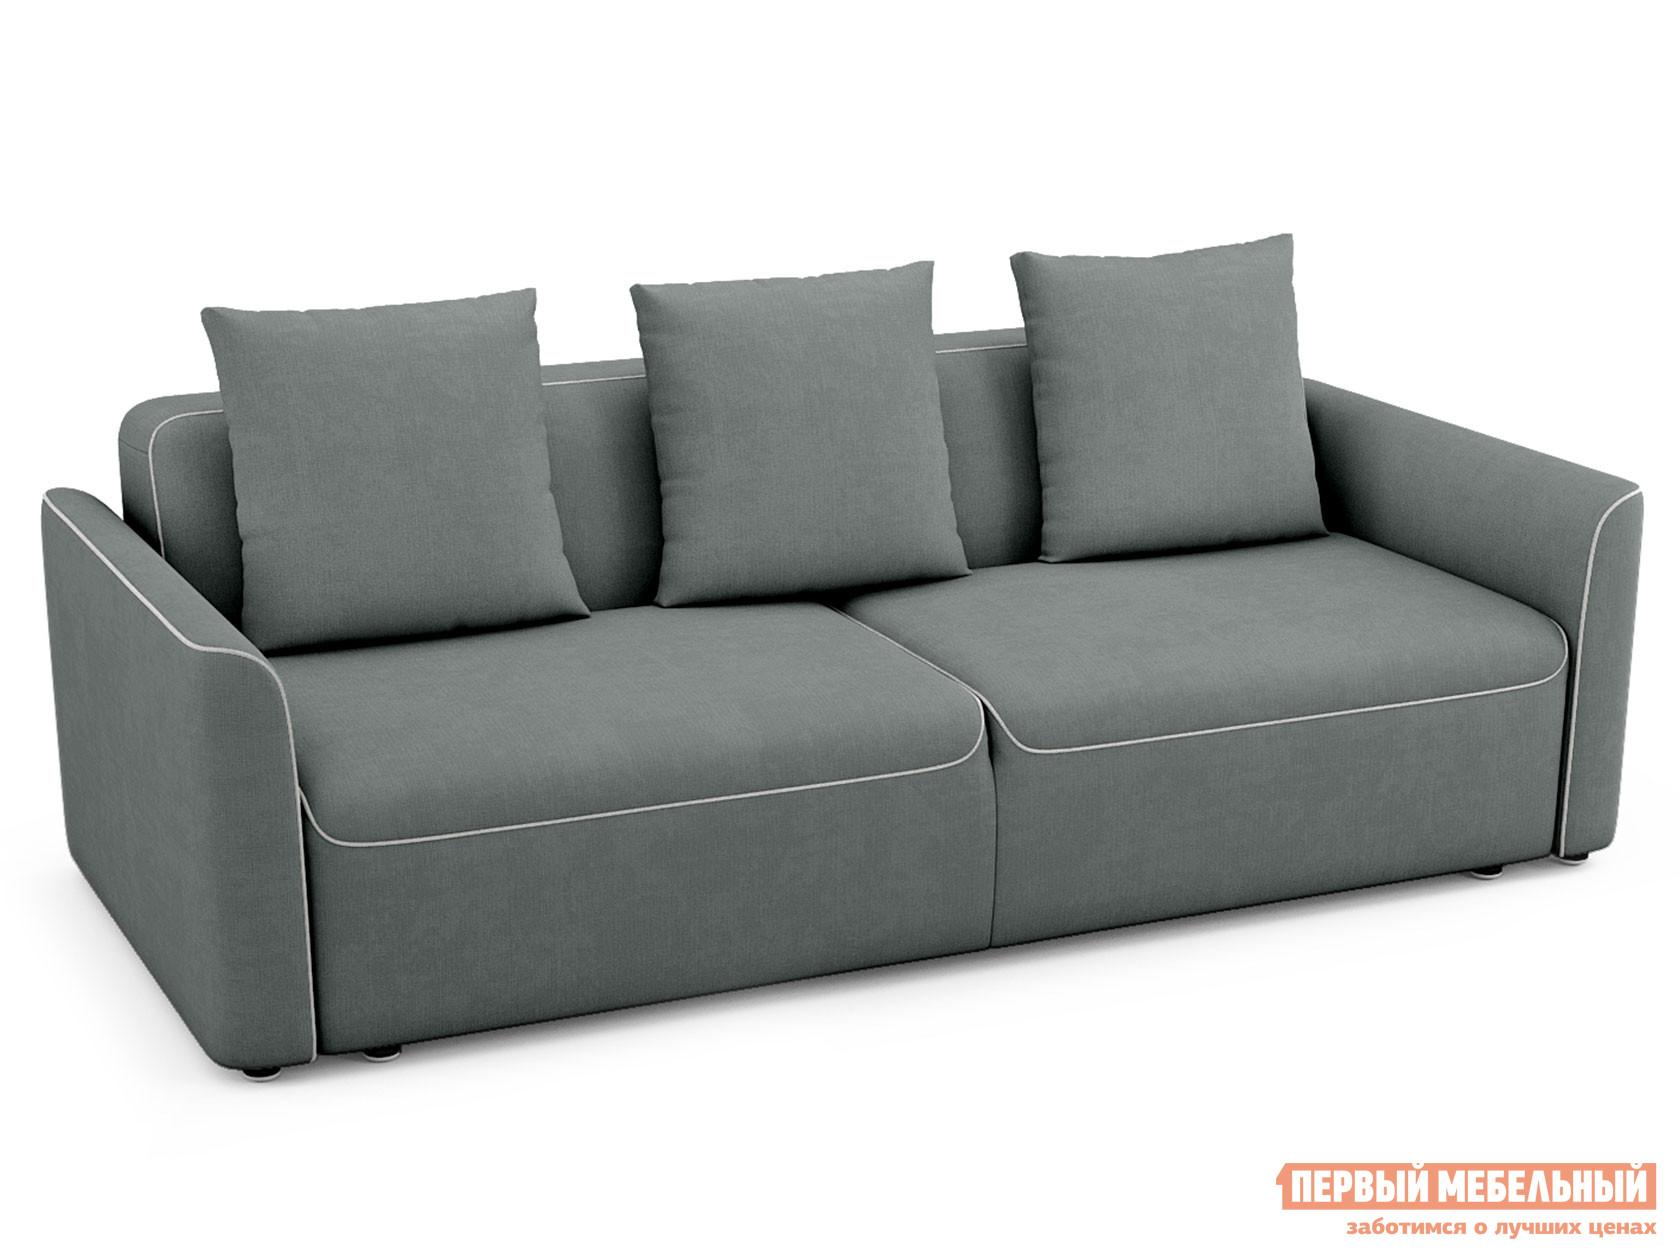 Прямой диван Первый Мебельный Прямой диван Балтимор